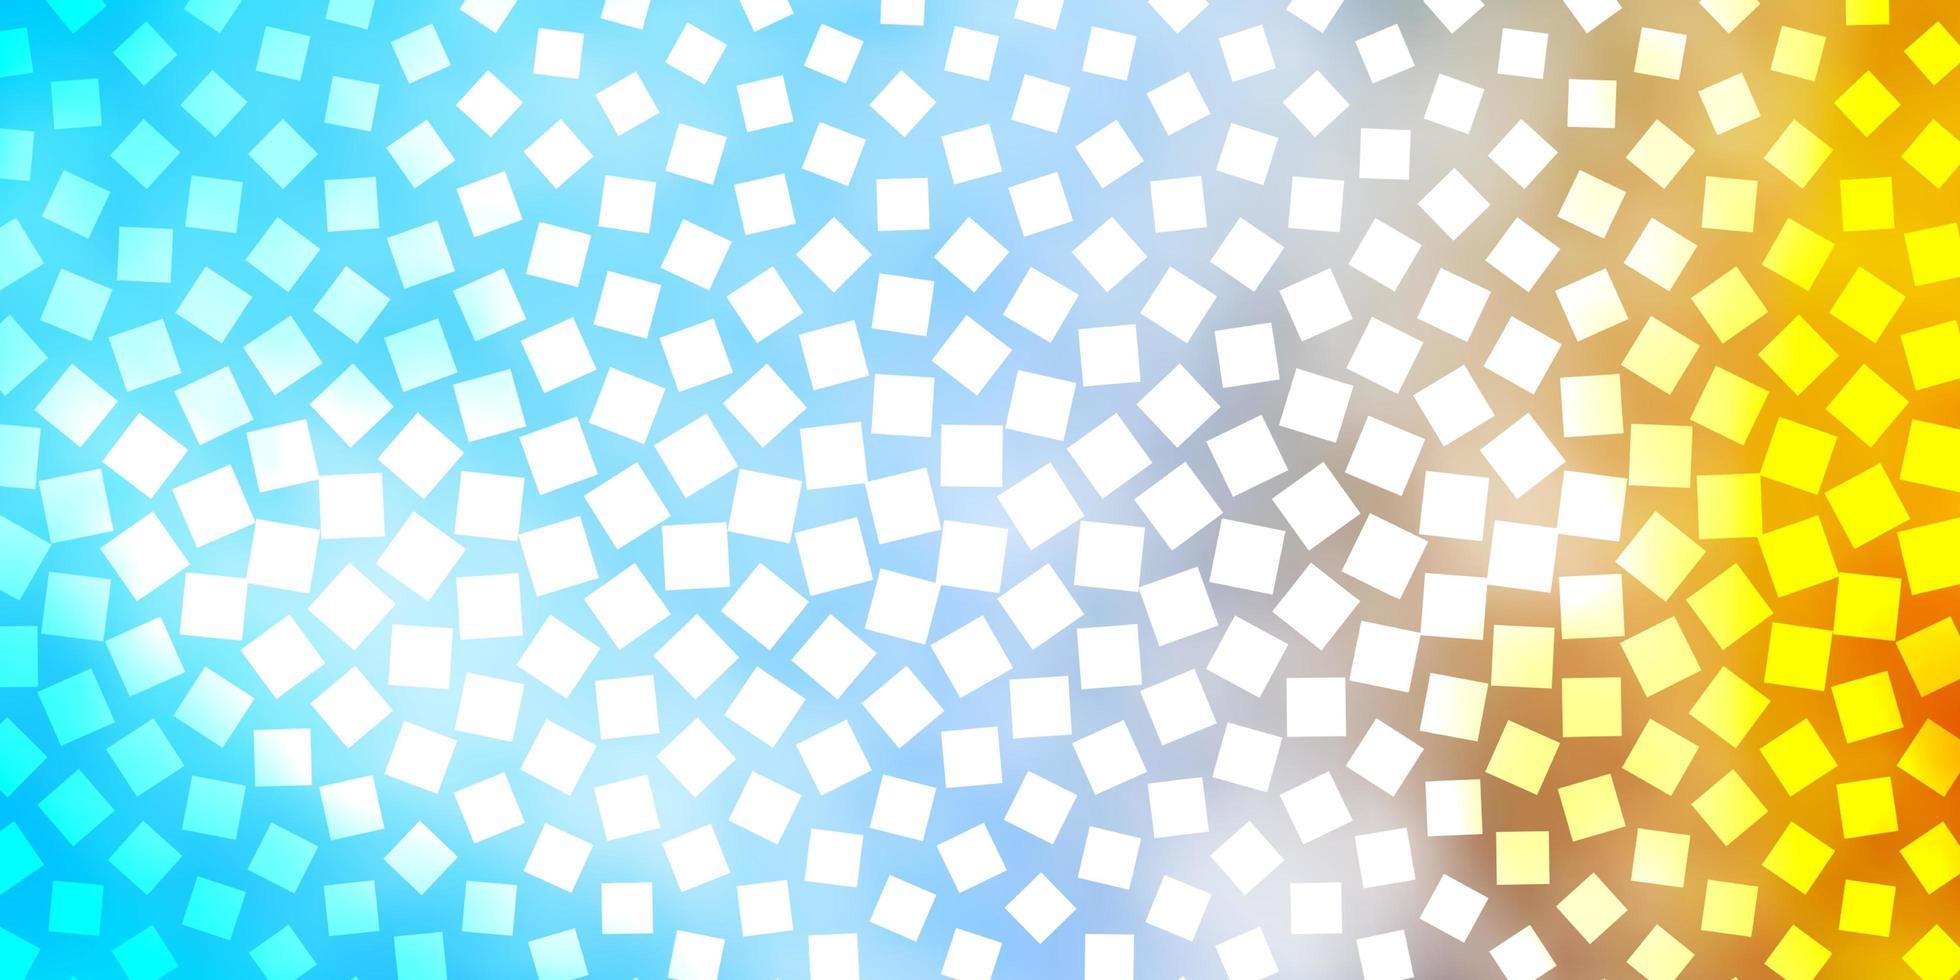 lichtblauw, geel vectorpatroon in vierkante stijl. vector